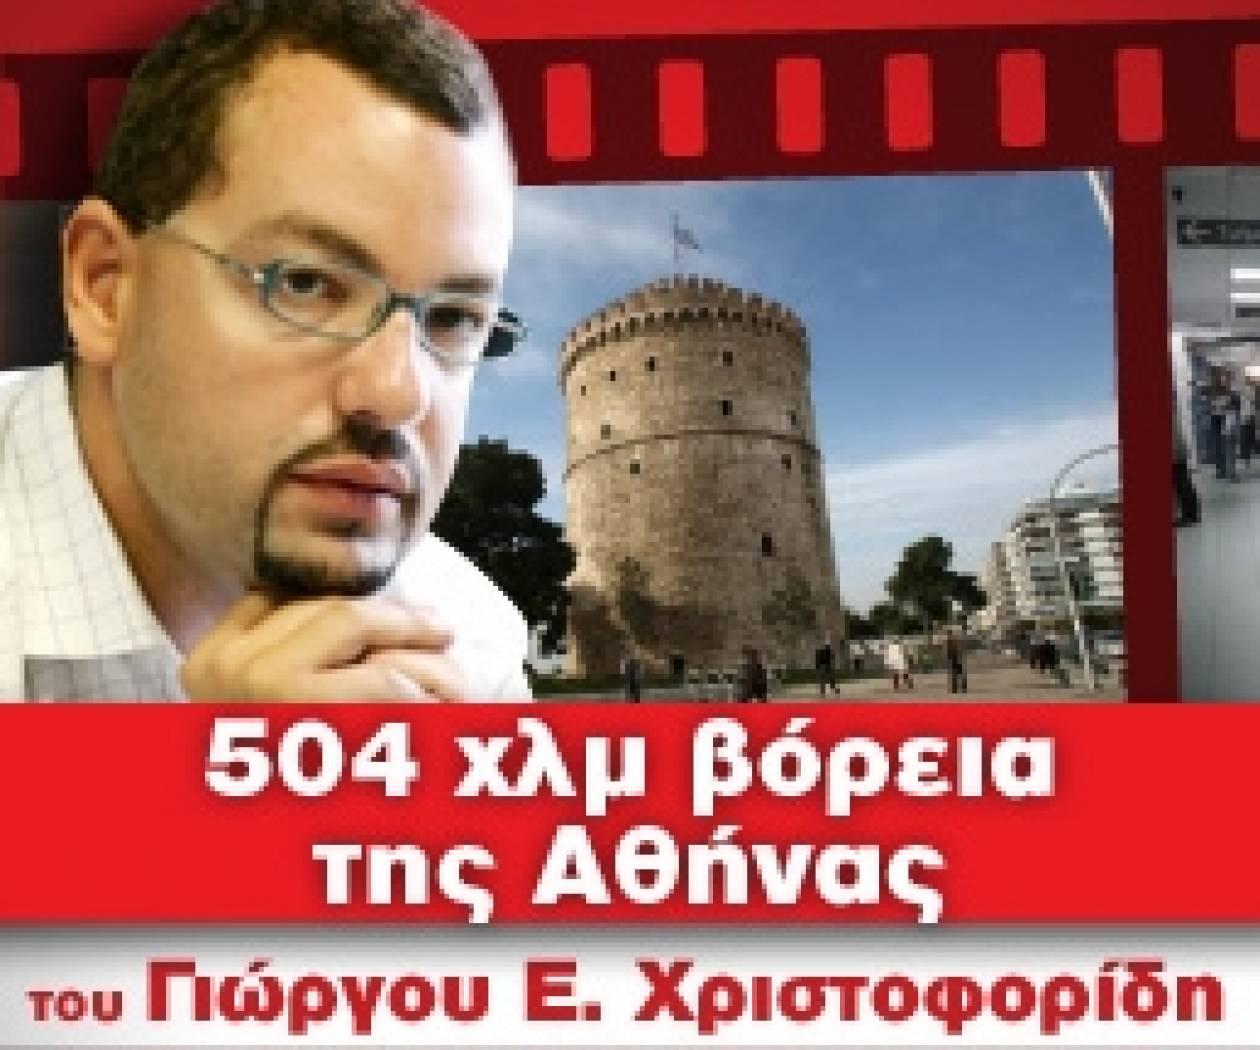 Οι… ηλίθιοι της Θεσσαλονίκης, ο Λουκάς και ο Χάρης